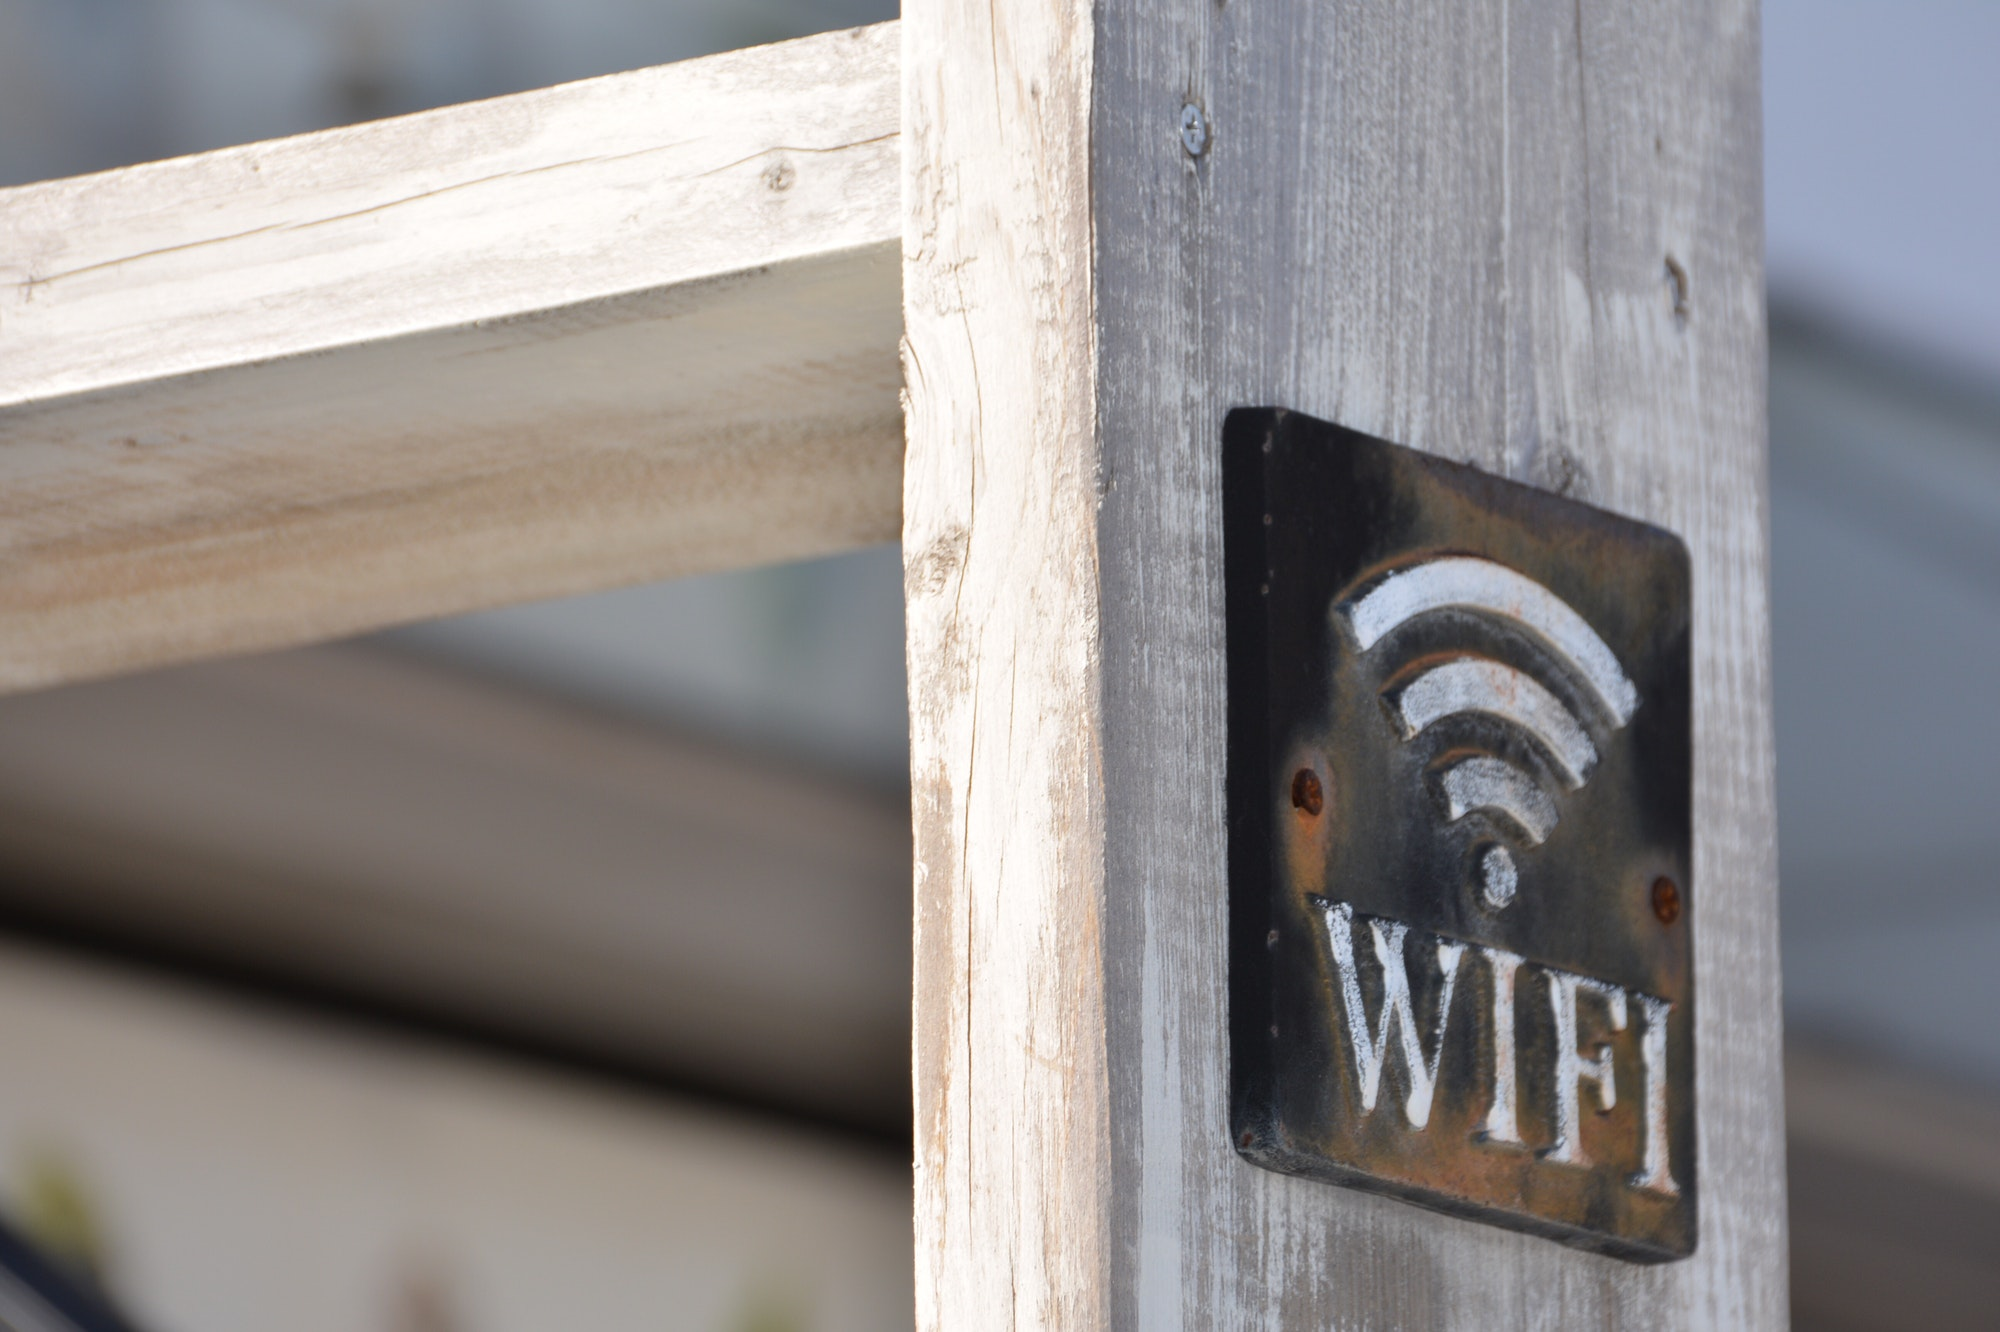 Wifi Hotspot met Windows 10